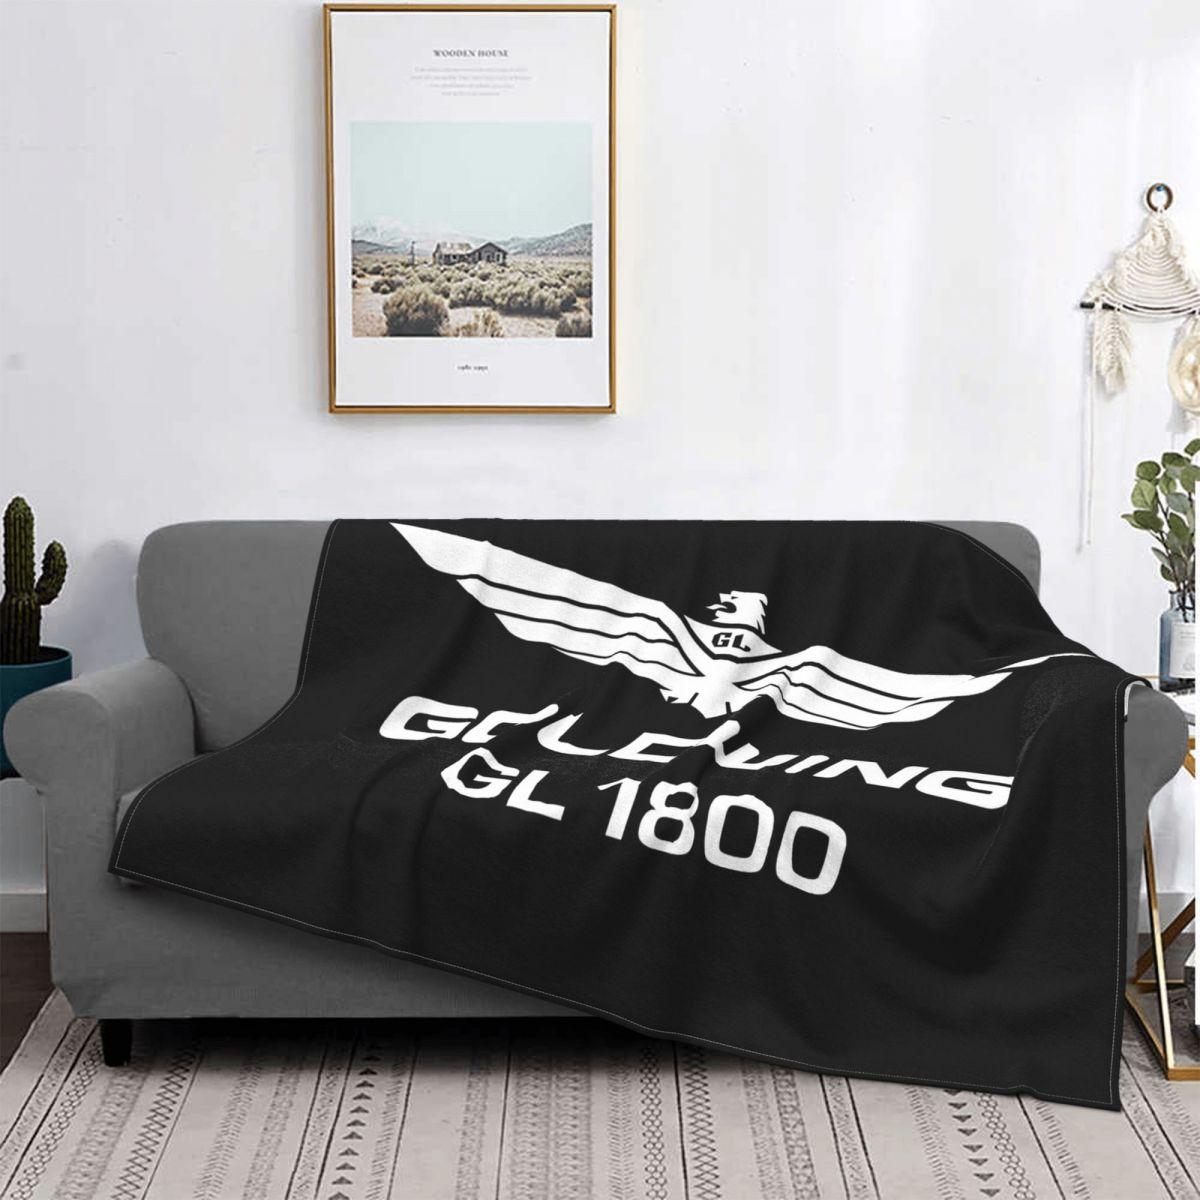 هوندا Goldwing Gl1800 شعار الرجال السود حجم S متر L Xl 2Xl 3Xl نوعية جيدة العلامة التجارية نمط الفانيلا بطانية